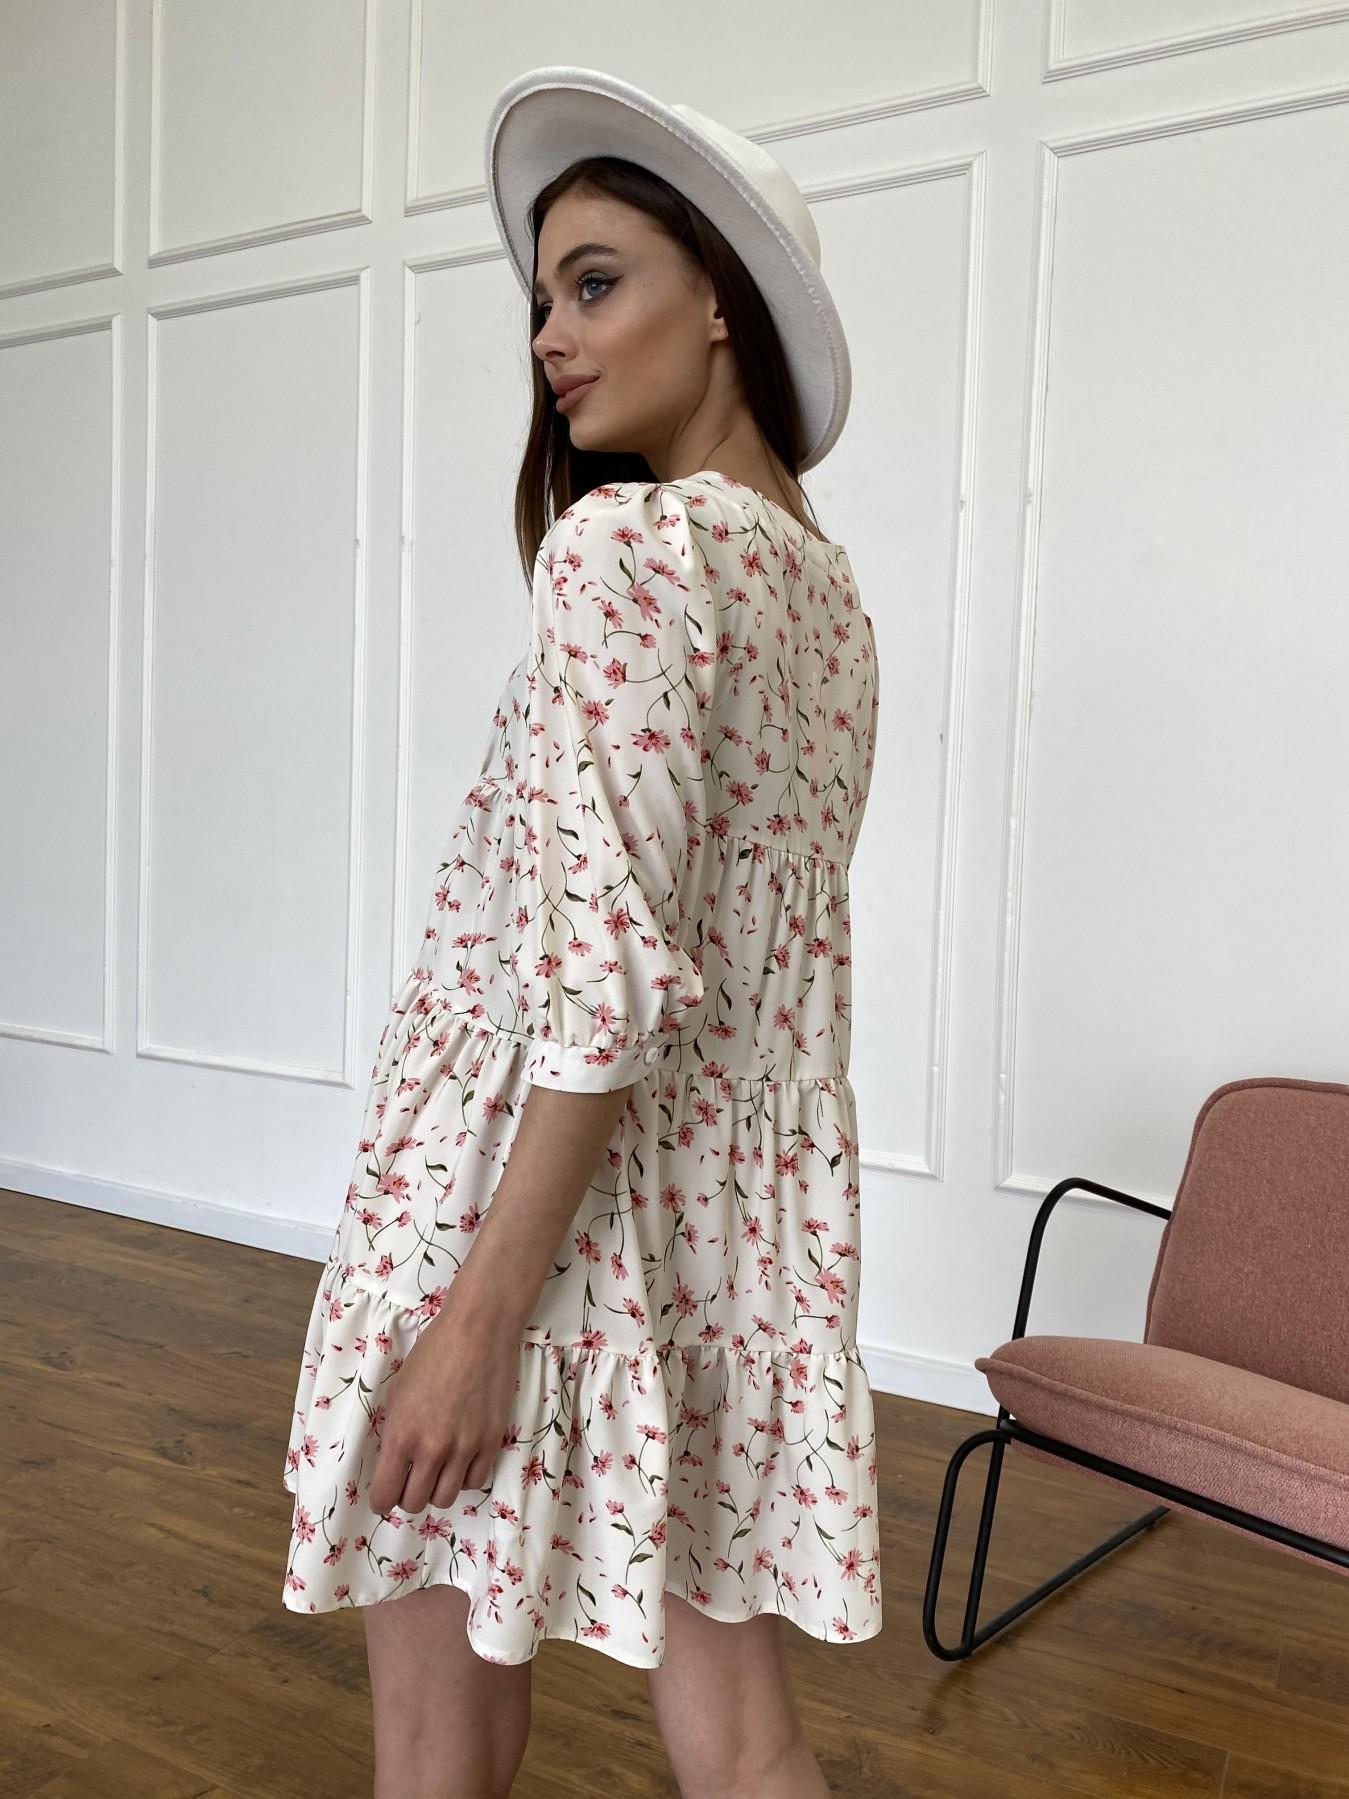 Берри платье из ткани софт в принт 11211 АРТ. 47724 Цвет: Молоко/розовый, Цветы - фото 8, интернет магазин tm-modus.ru